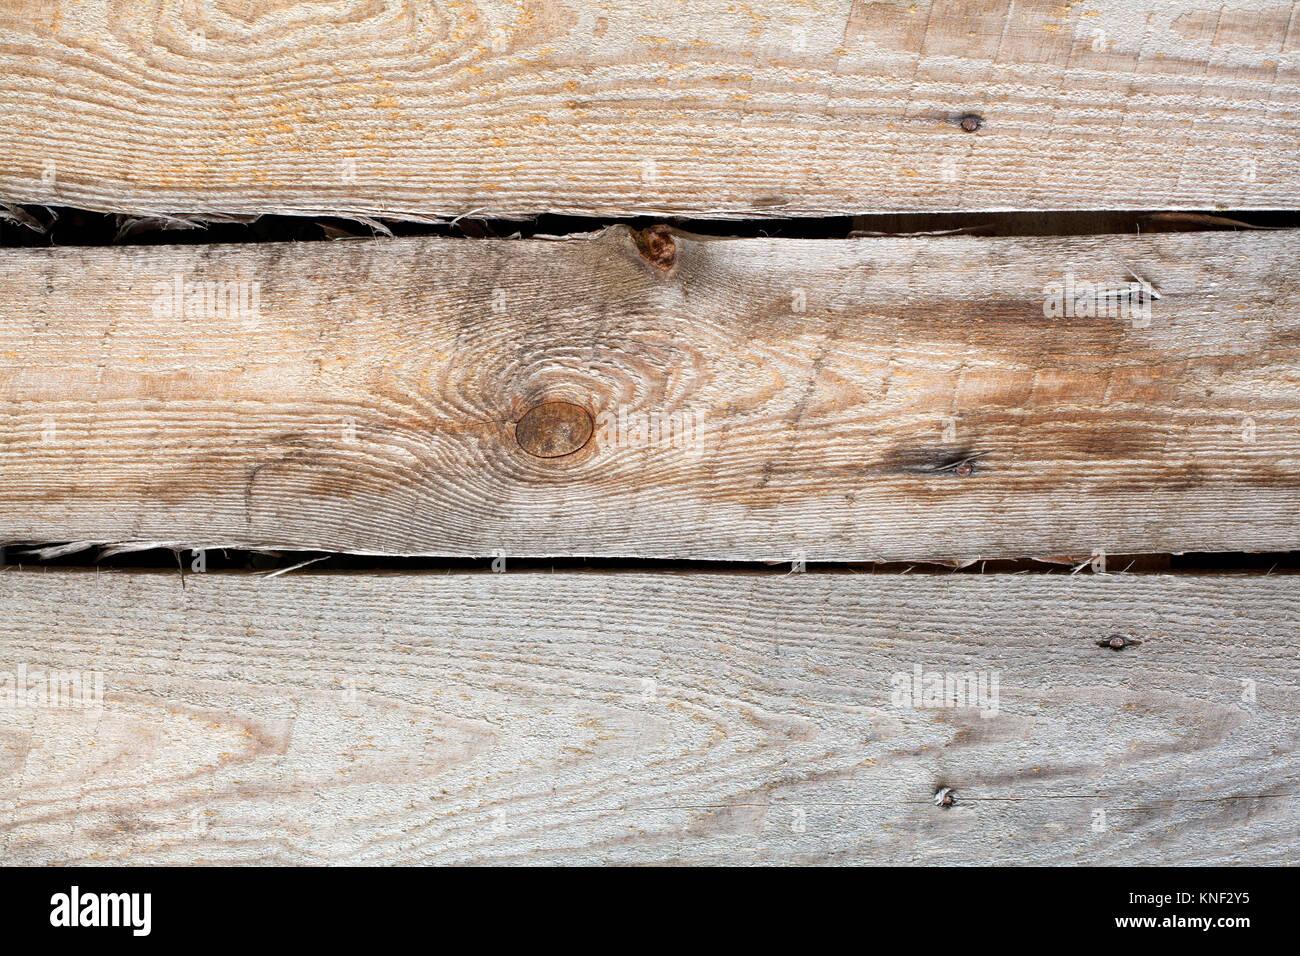 Assi Di Legno In Inglese : Legno naturale texture pattern età compresa tra assi di legno